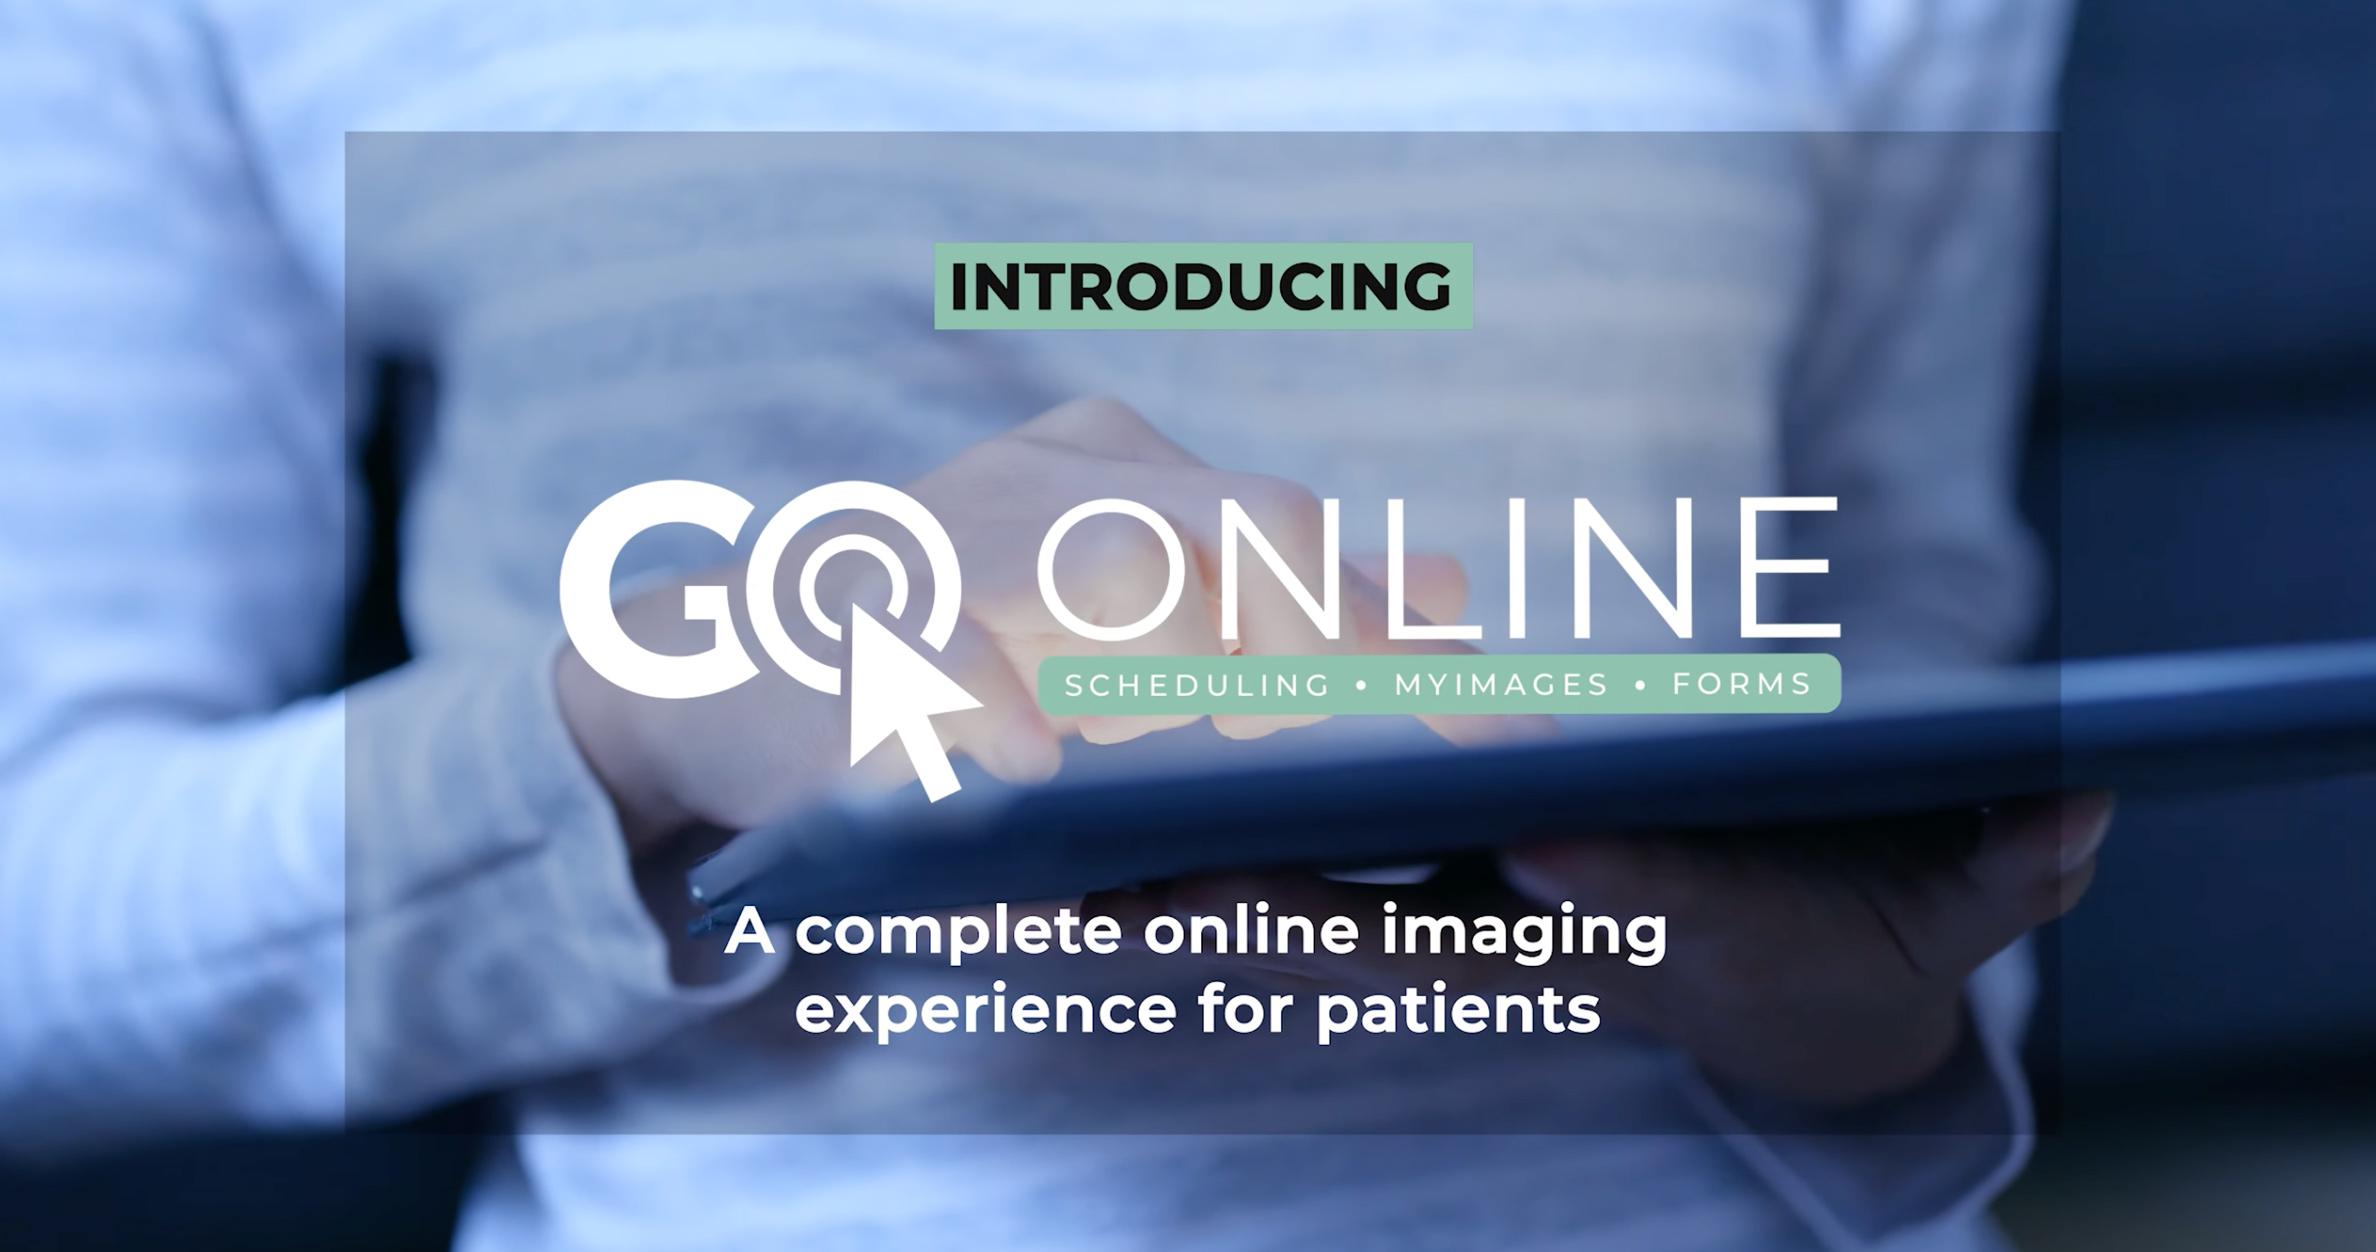 OG Online Video